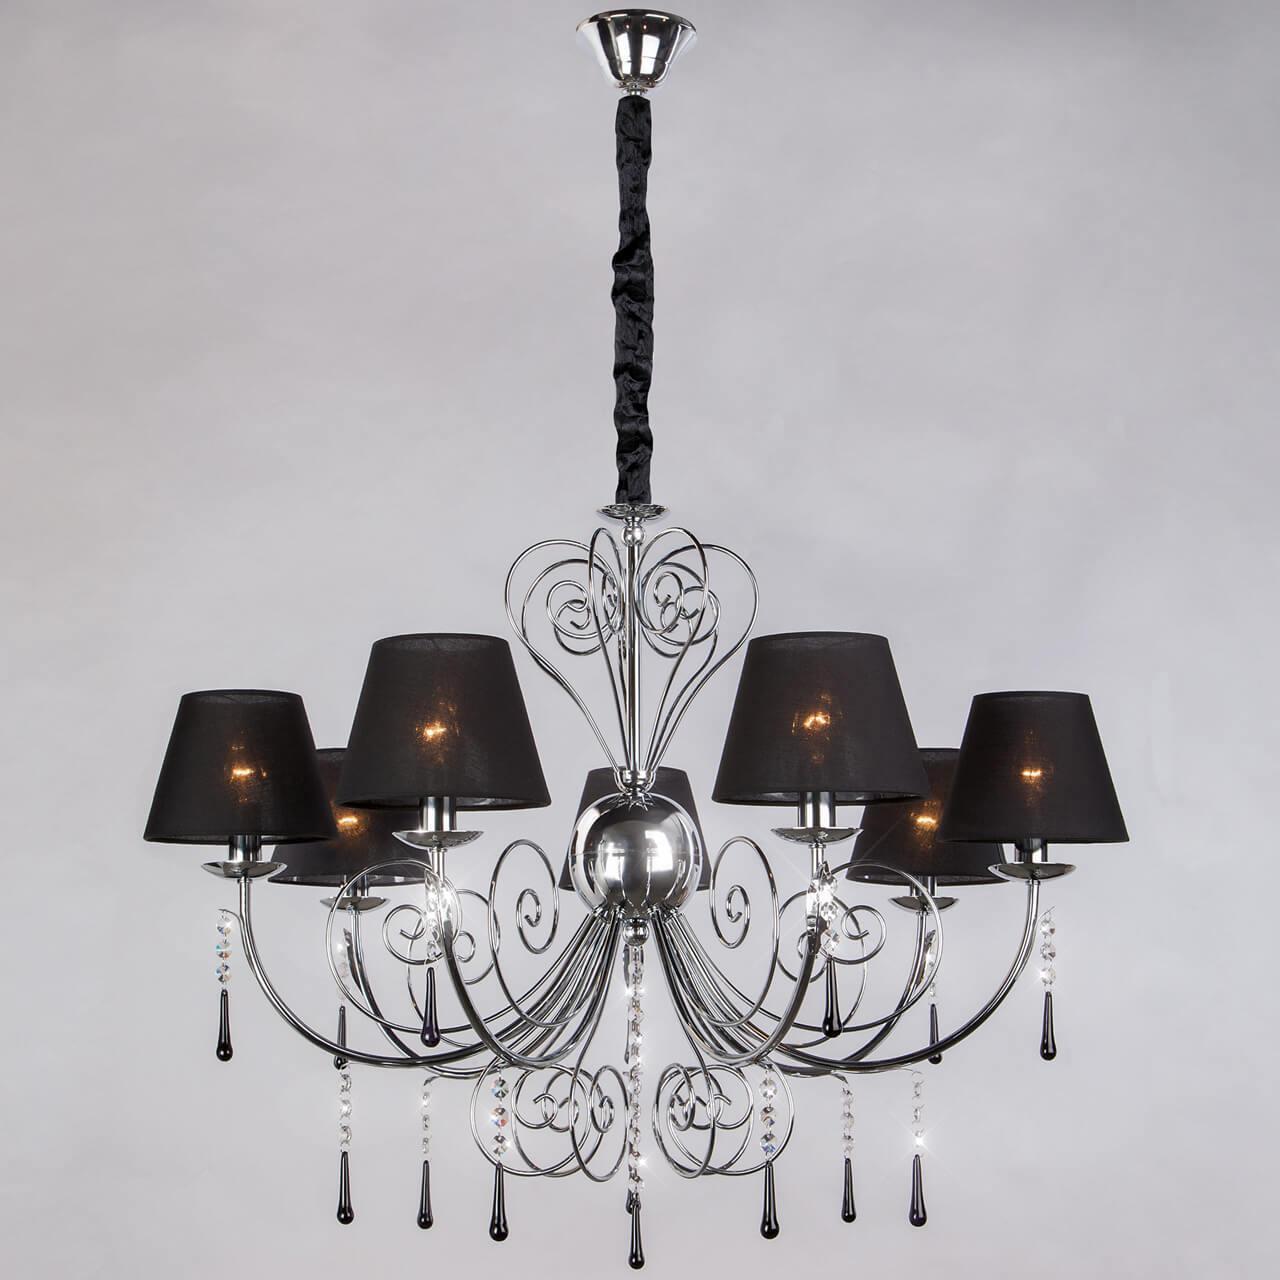 Подвесной светильник Bogates 281/7 Strotskis, E14, 40 Вт цена